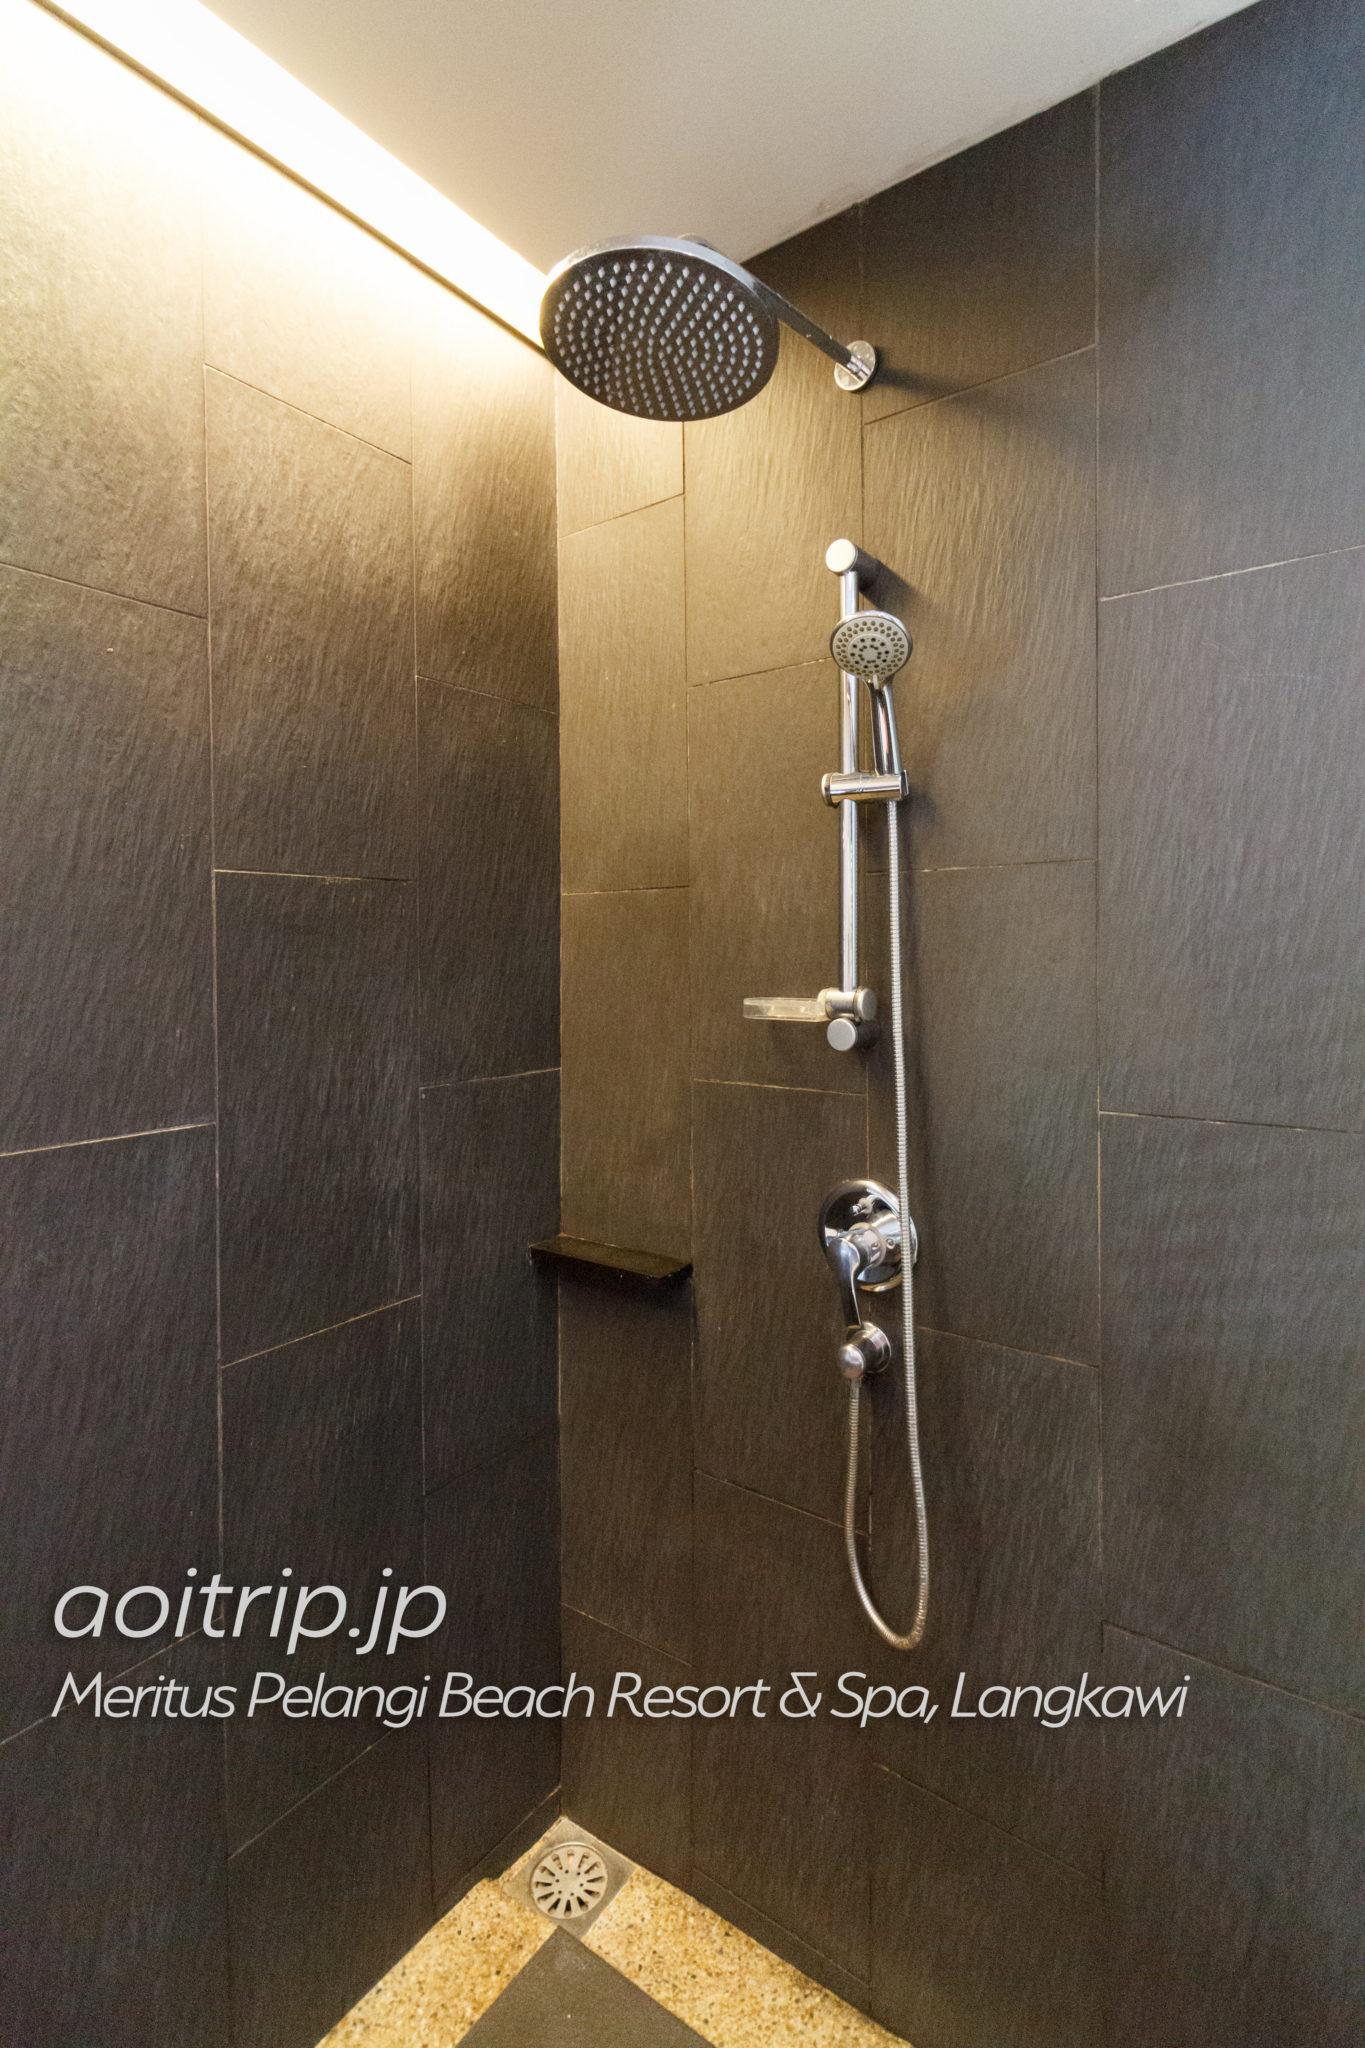 メリタスペランギリゾートランカウイのプールテラスルーム シャワー